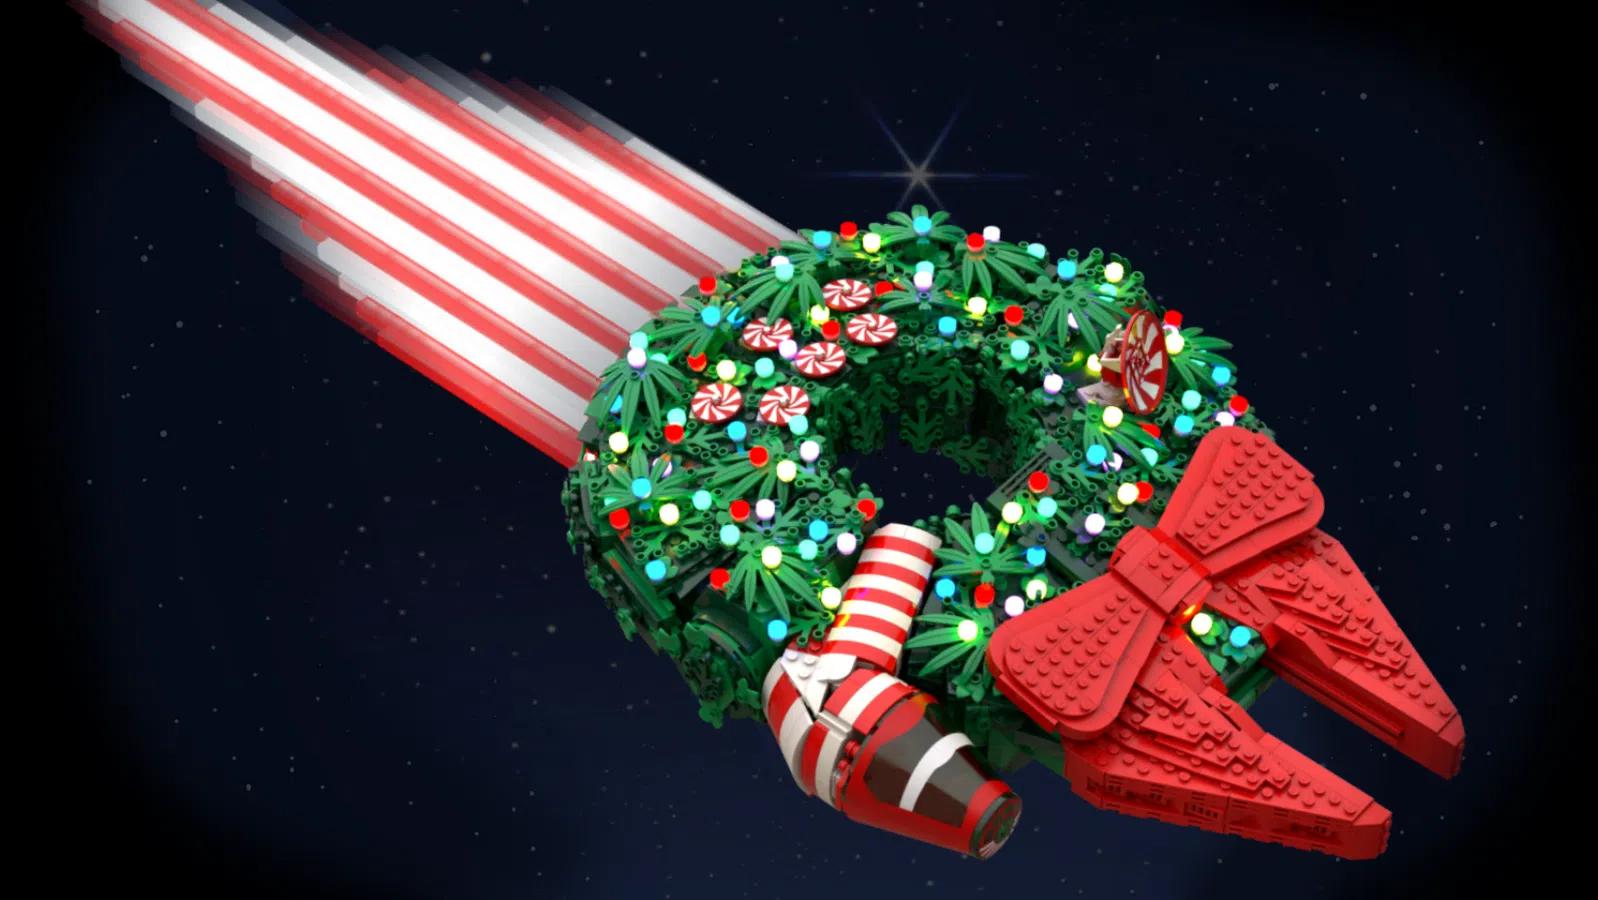 結果発表!レゴアイデア『クリスマスxスター・ウォーズ』コラボ作品コンテスト!豪華賞品あり!(2020)